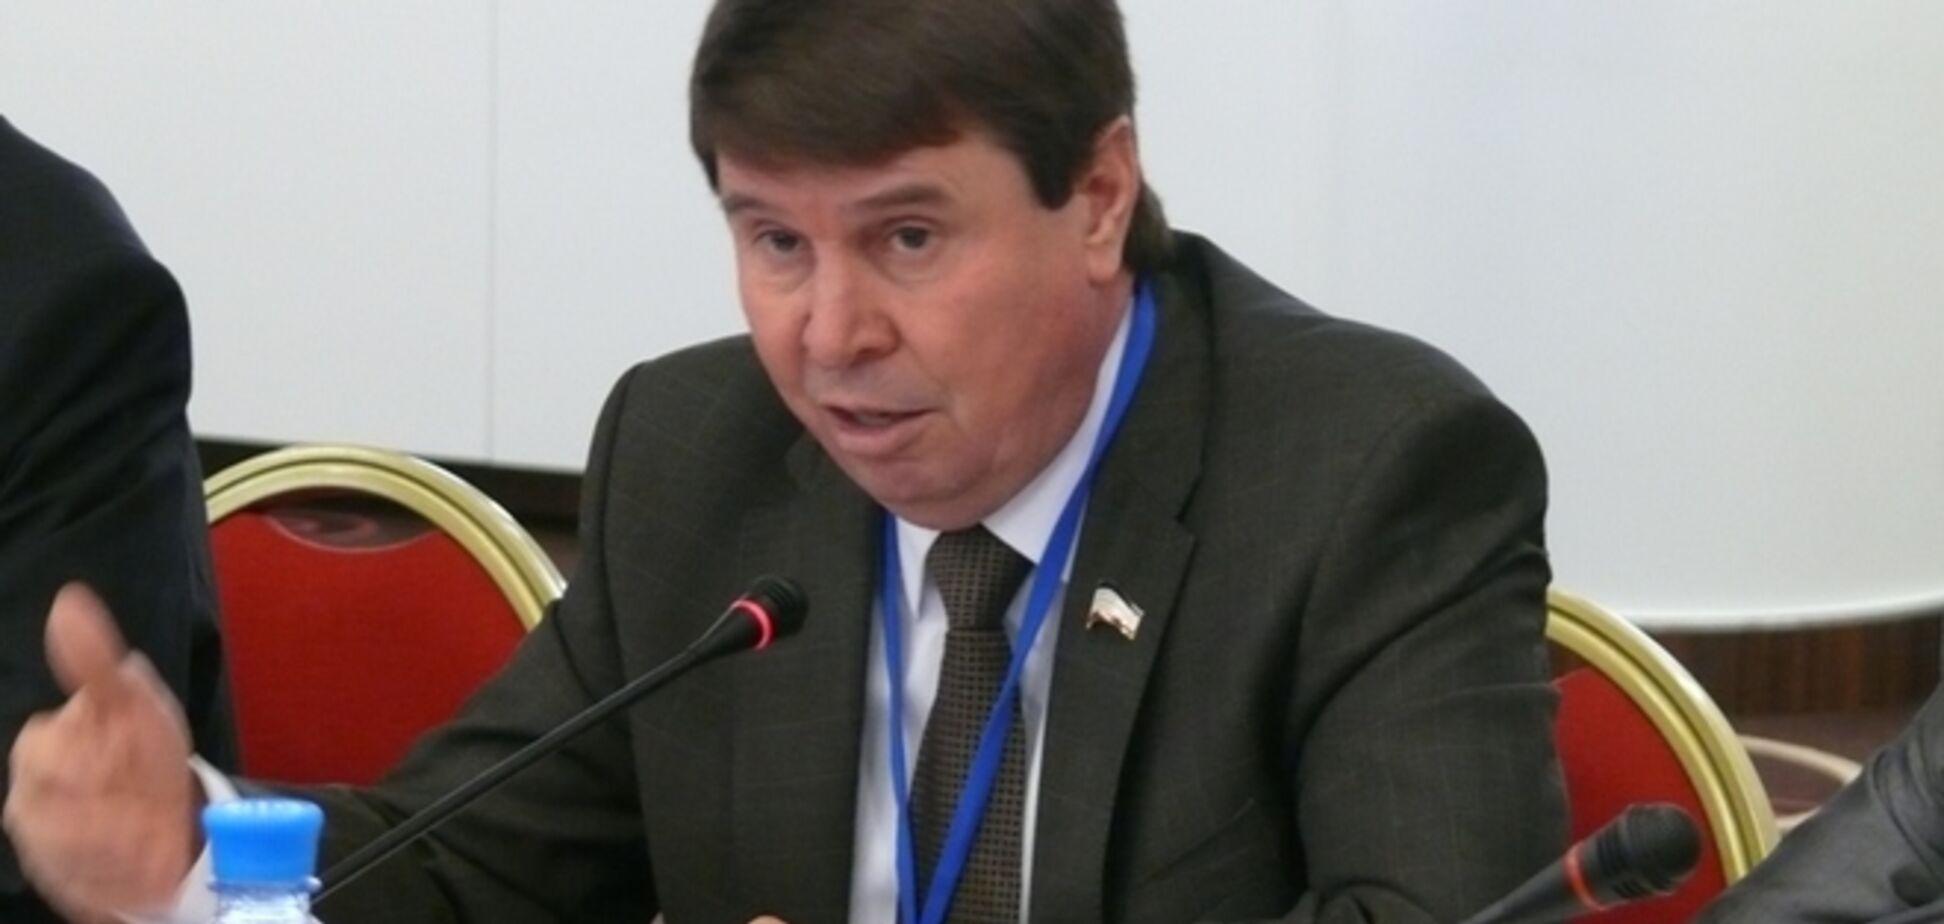 Путин наградил крымского депутата за помощь в аннексии Крыма